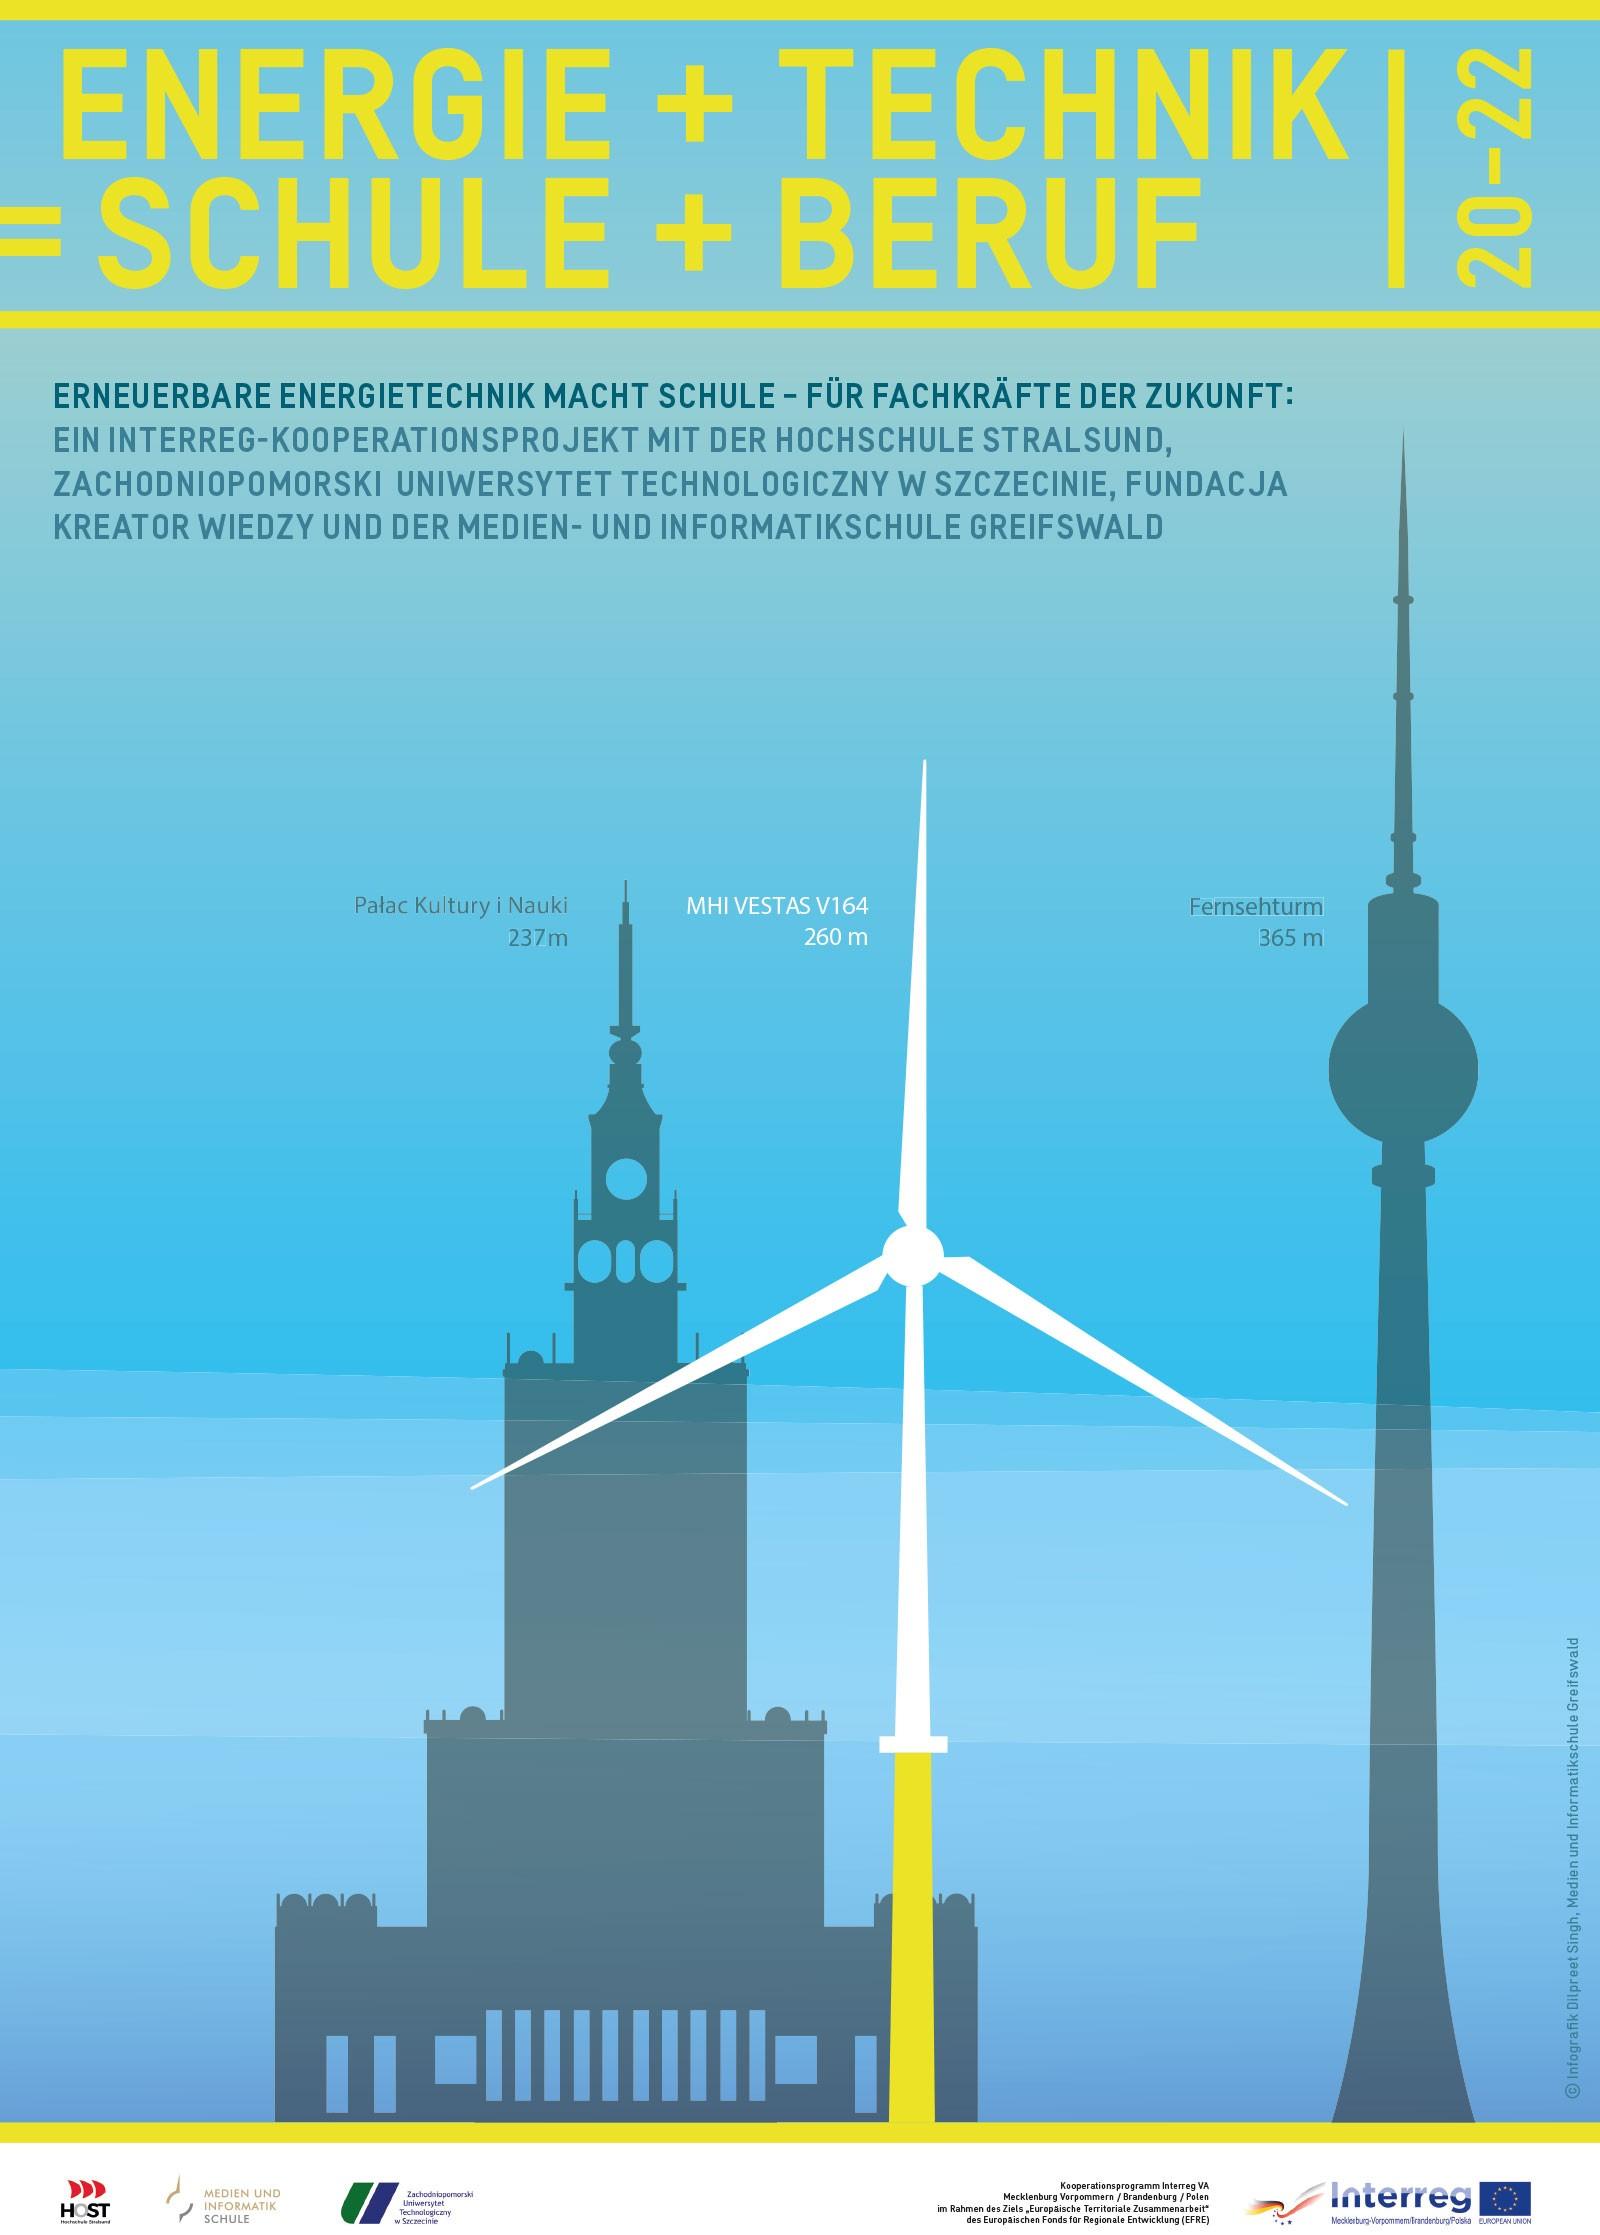 Plakat Energie + Technik = Schule + Beruf. Es zeigt ein Windrad, das höher ist als der Kulturpalast in Warschau und nur etwas niedriger als der Fernsehturm in Berlin.